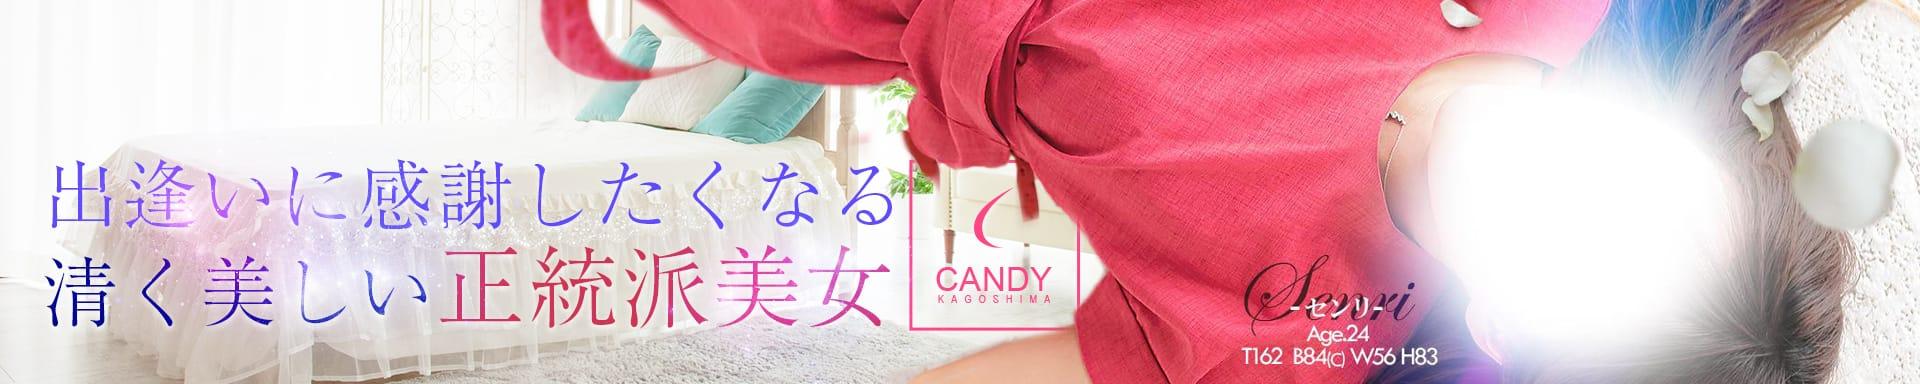 キャンディ その2